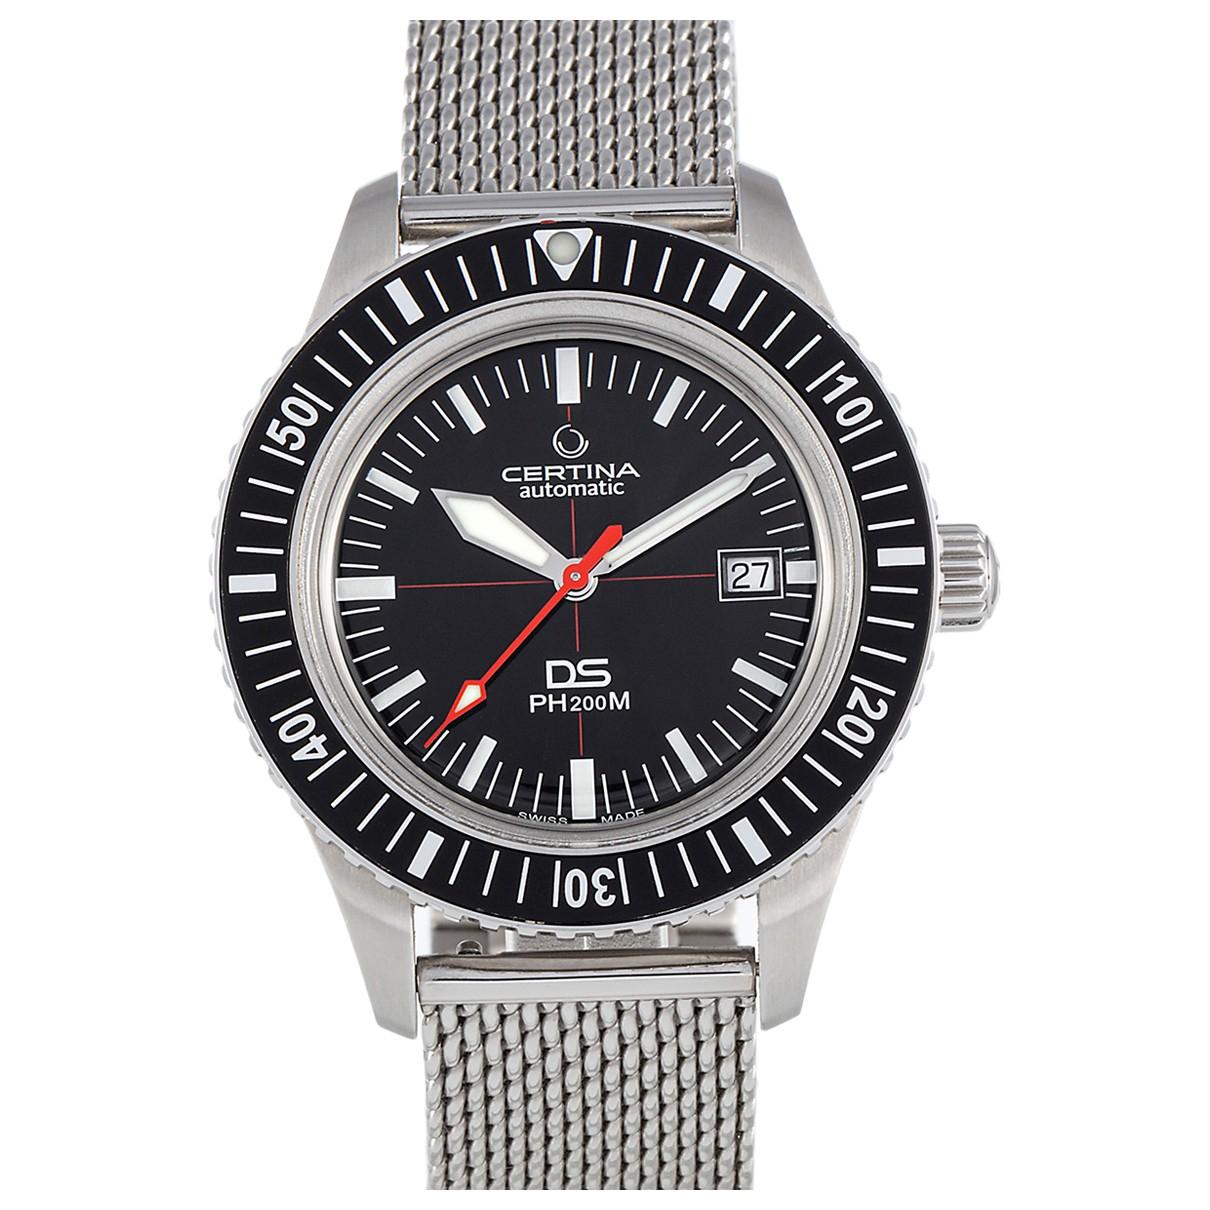 Certina \N Uhr in  Schwarz Stahl